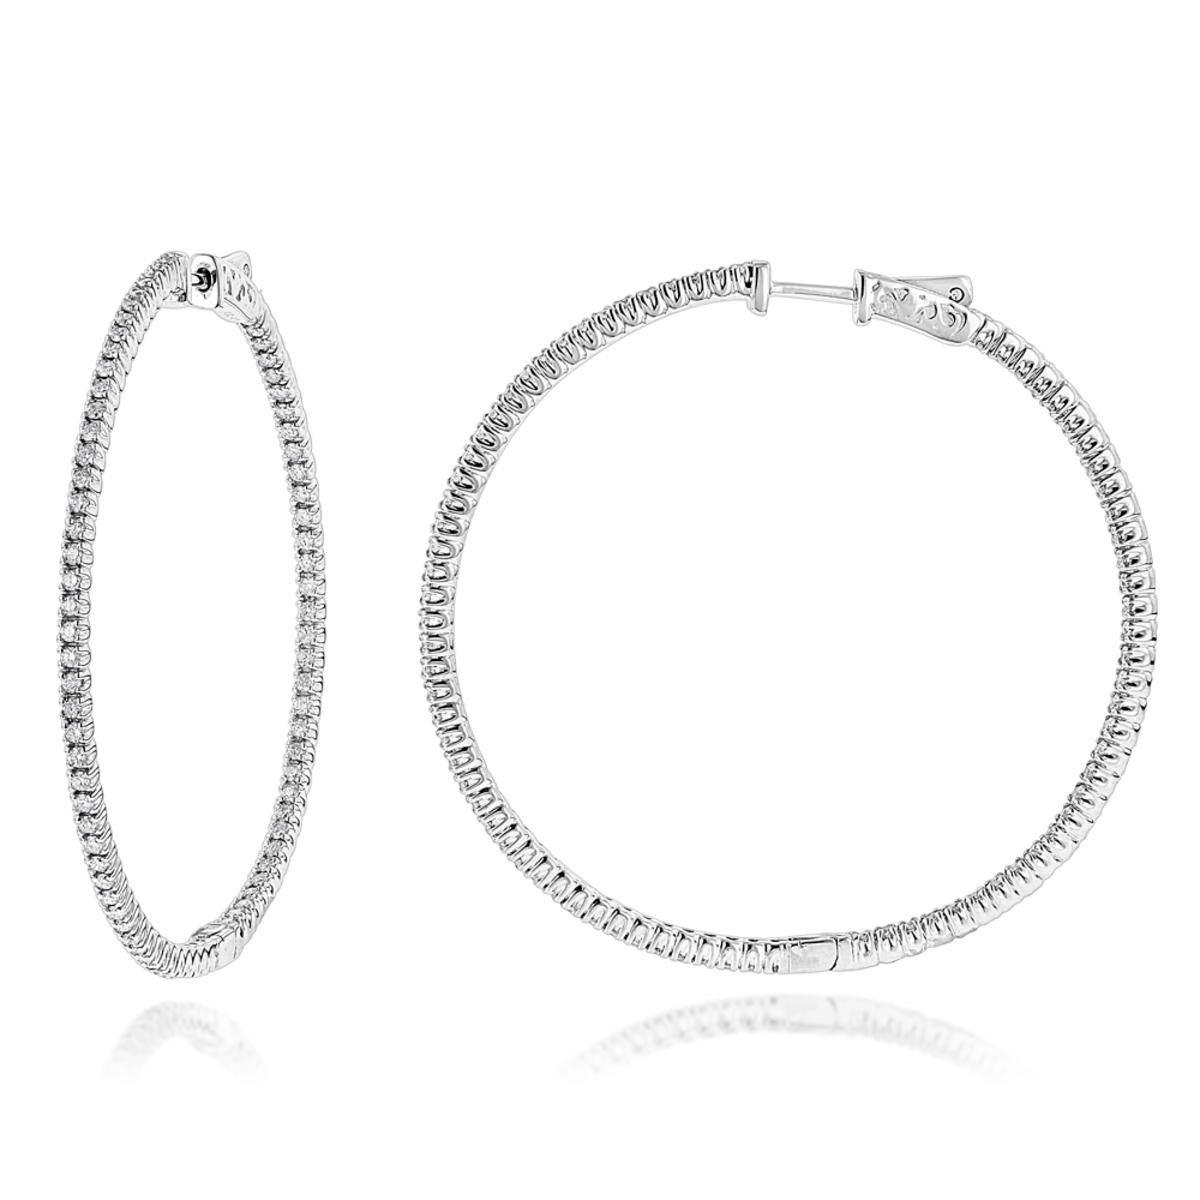 2mm 2in Inside Out Diamond Hoop Earrings for Women 1.6ct 14k Gold